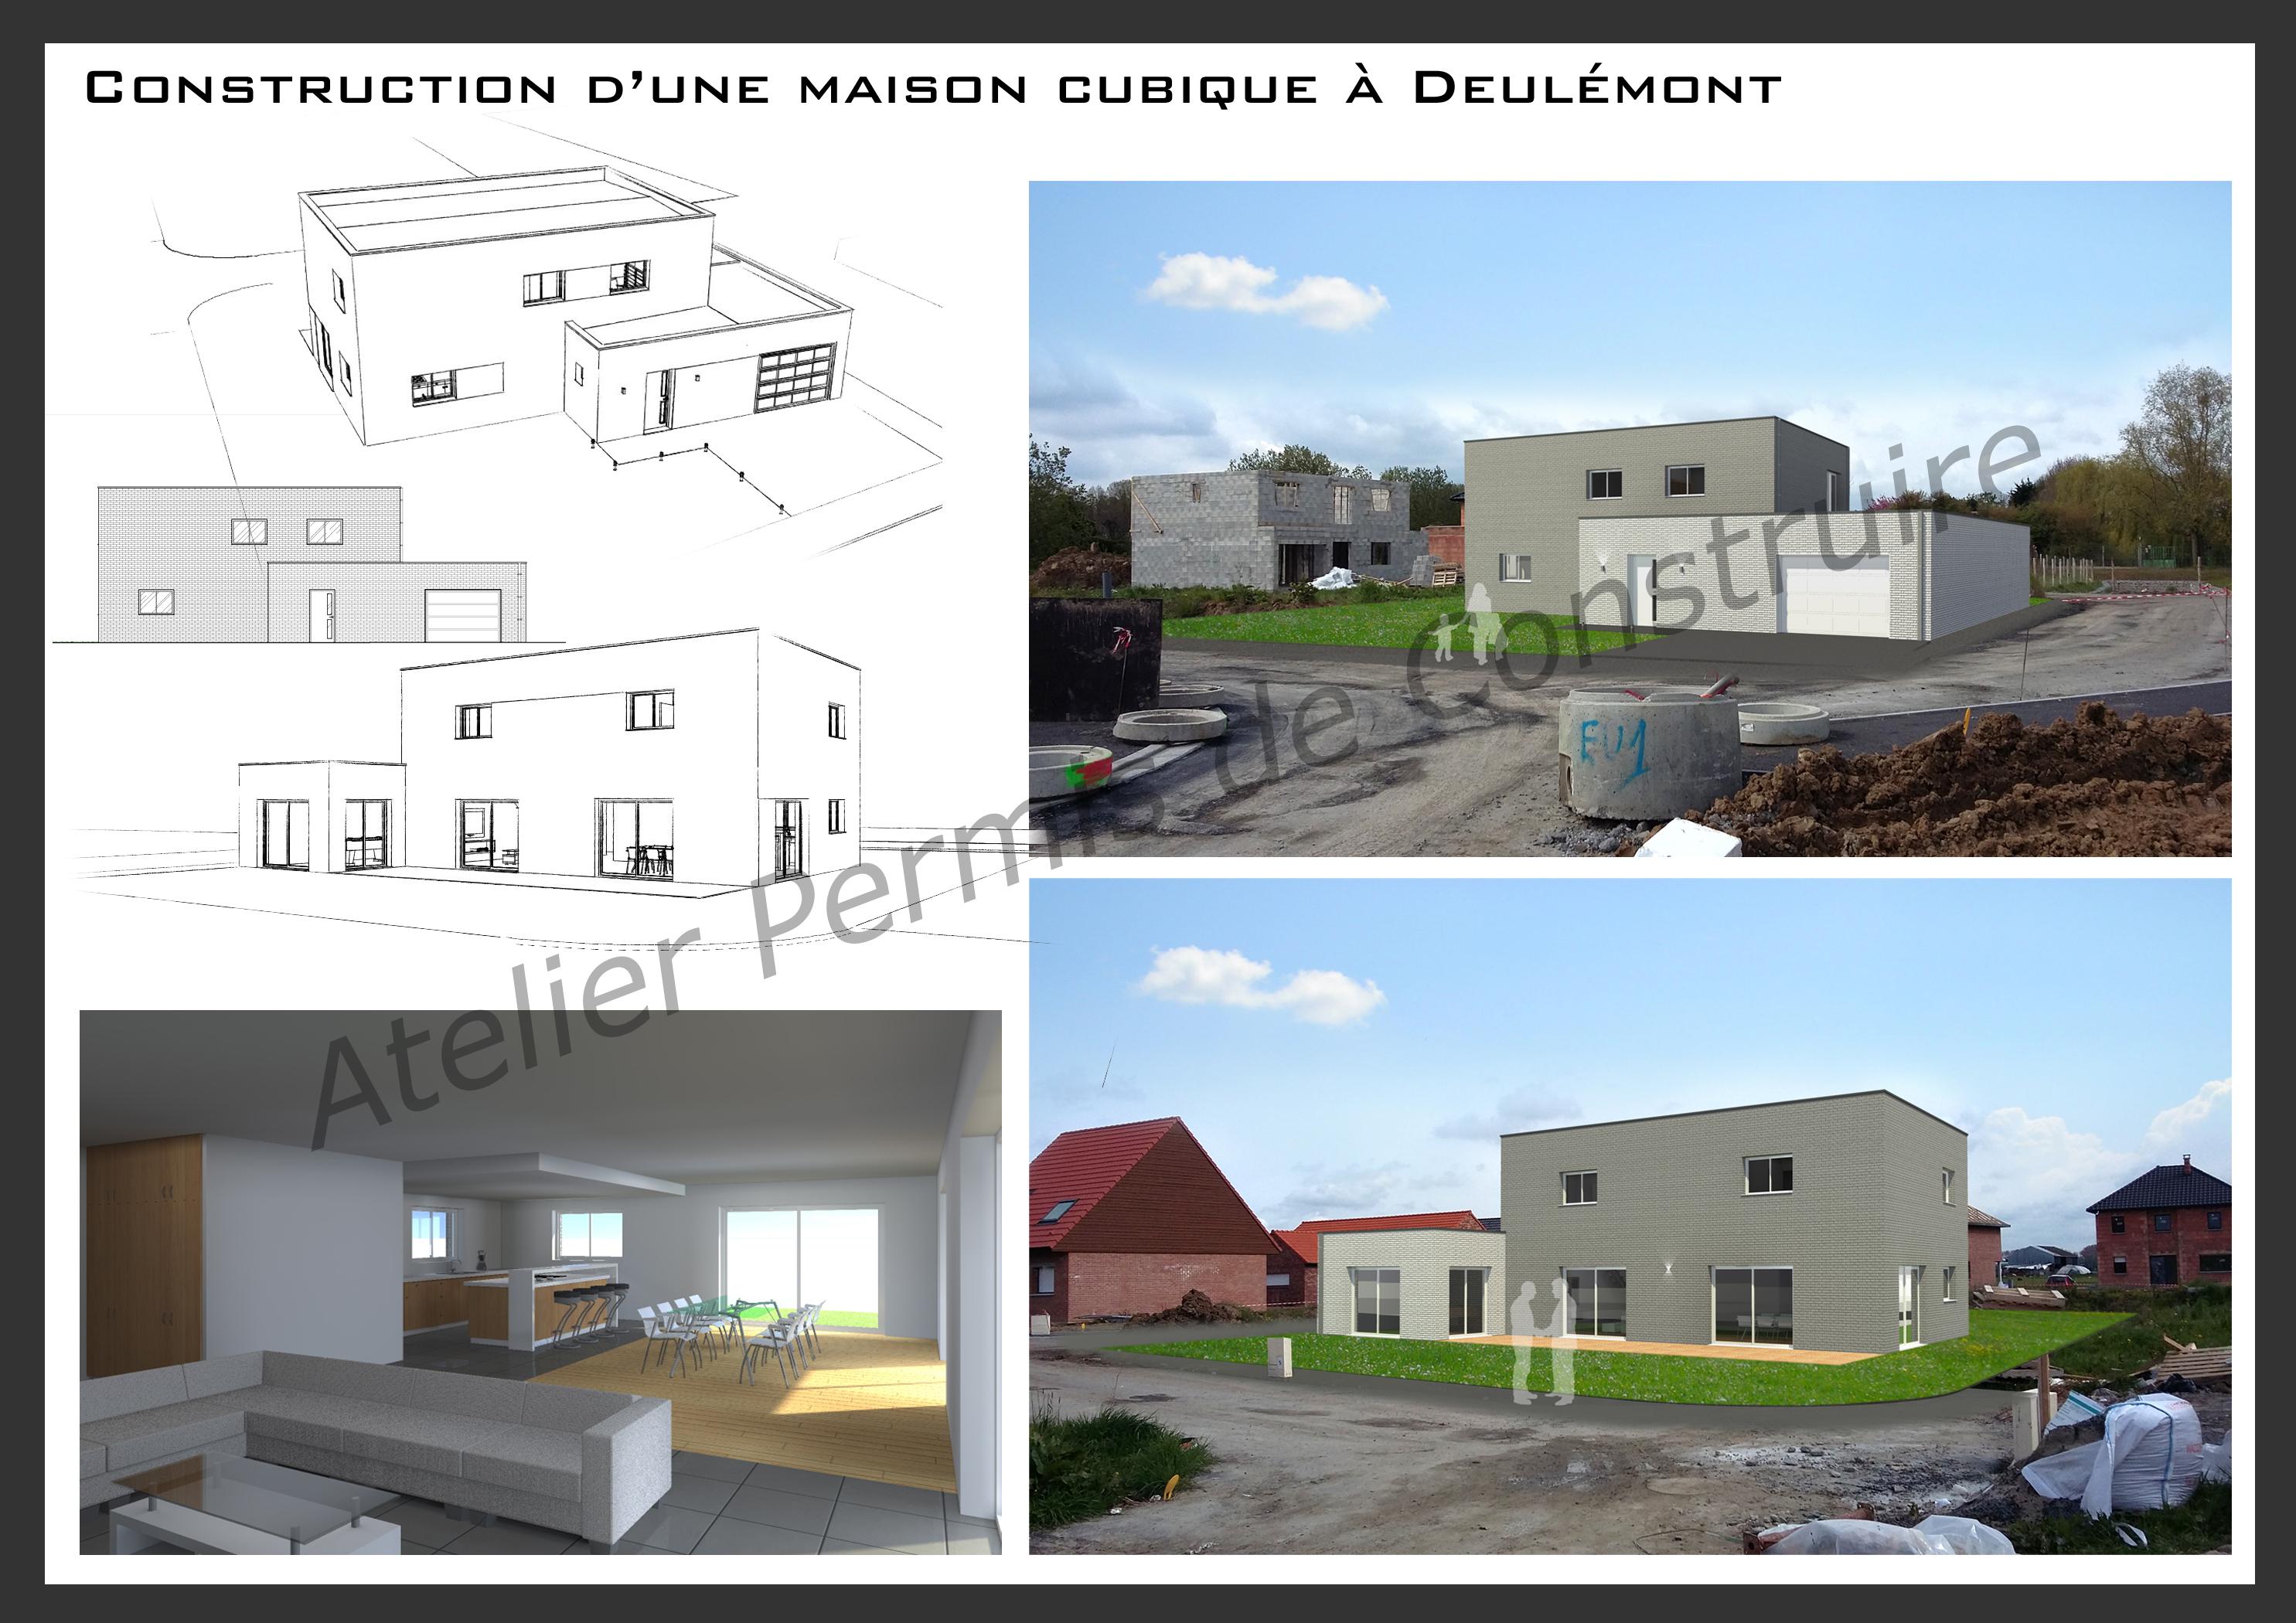 16.10 Atelier permis de construire maison cubique architecte